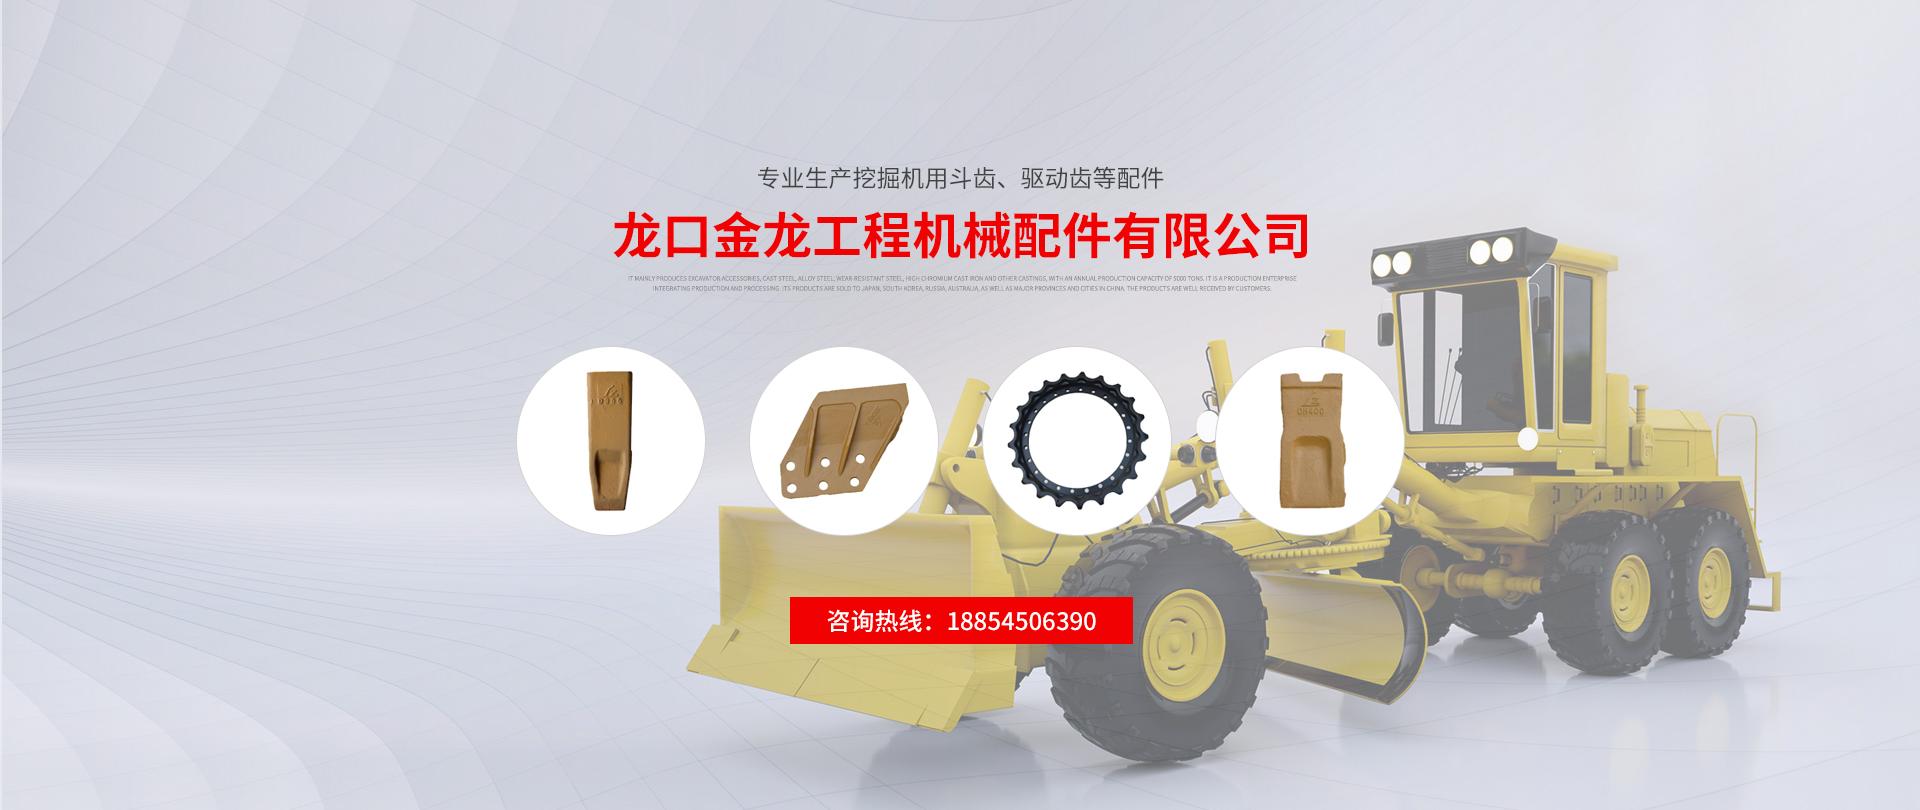 挖掘机斗齿生产厂家